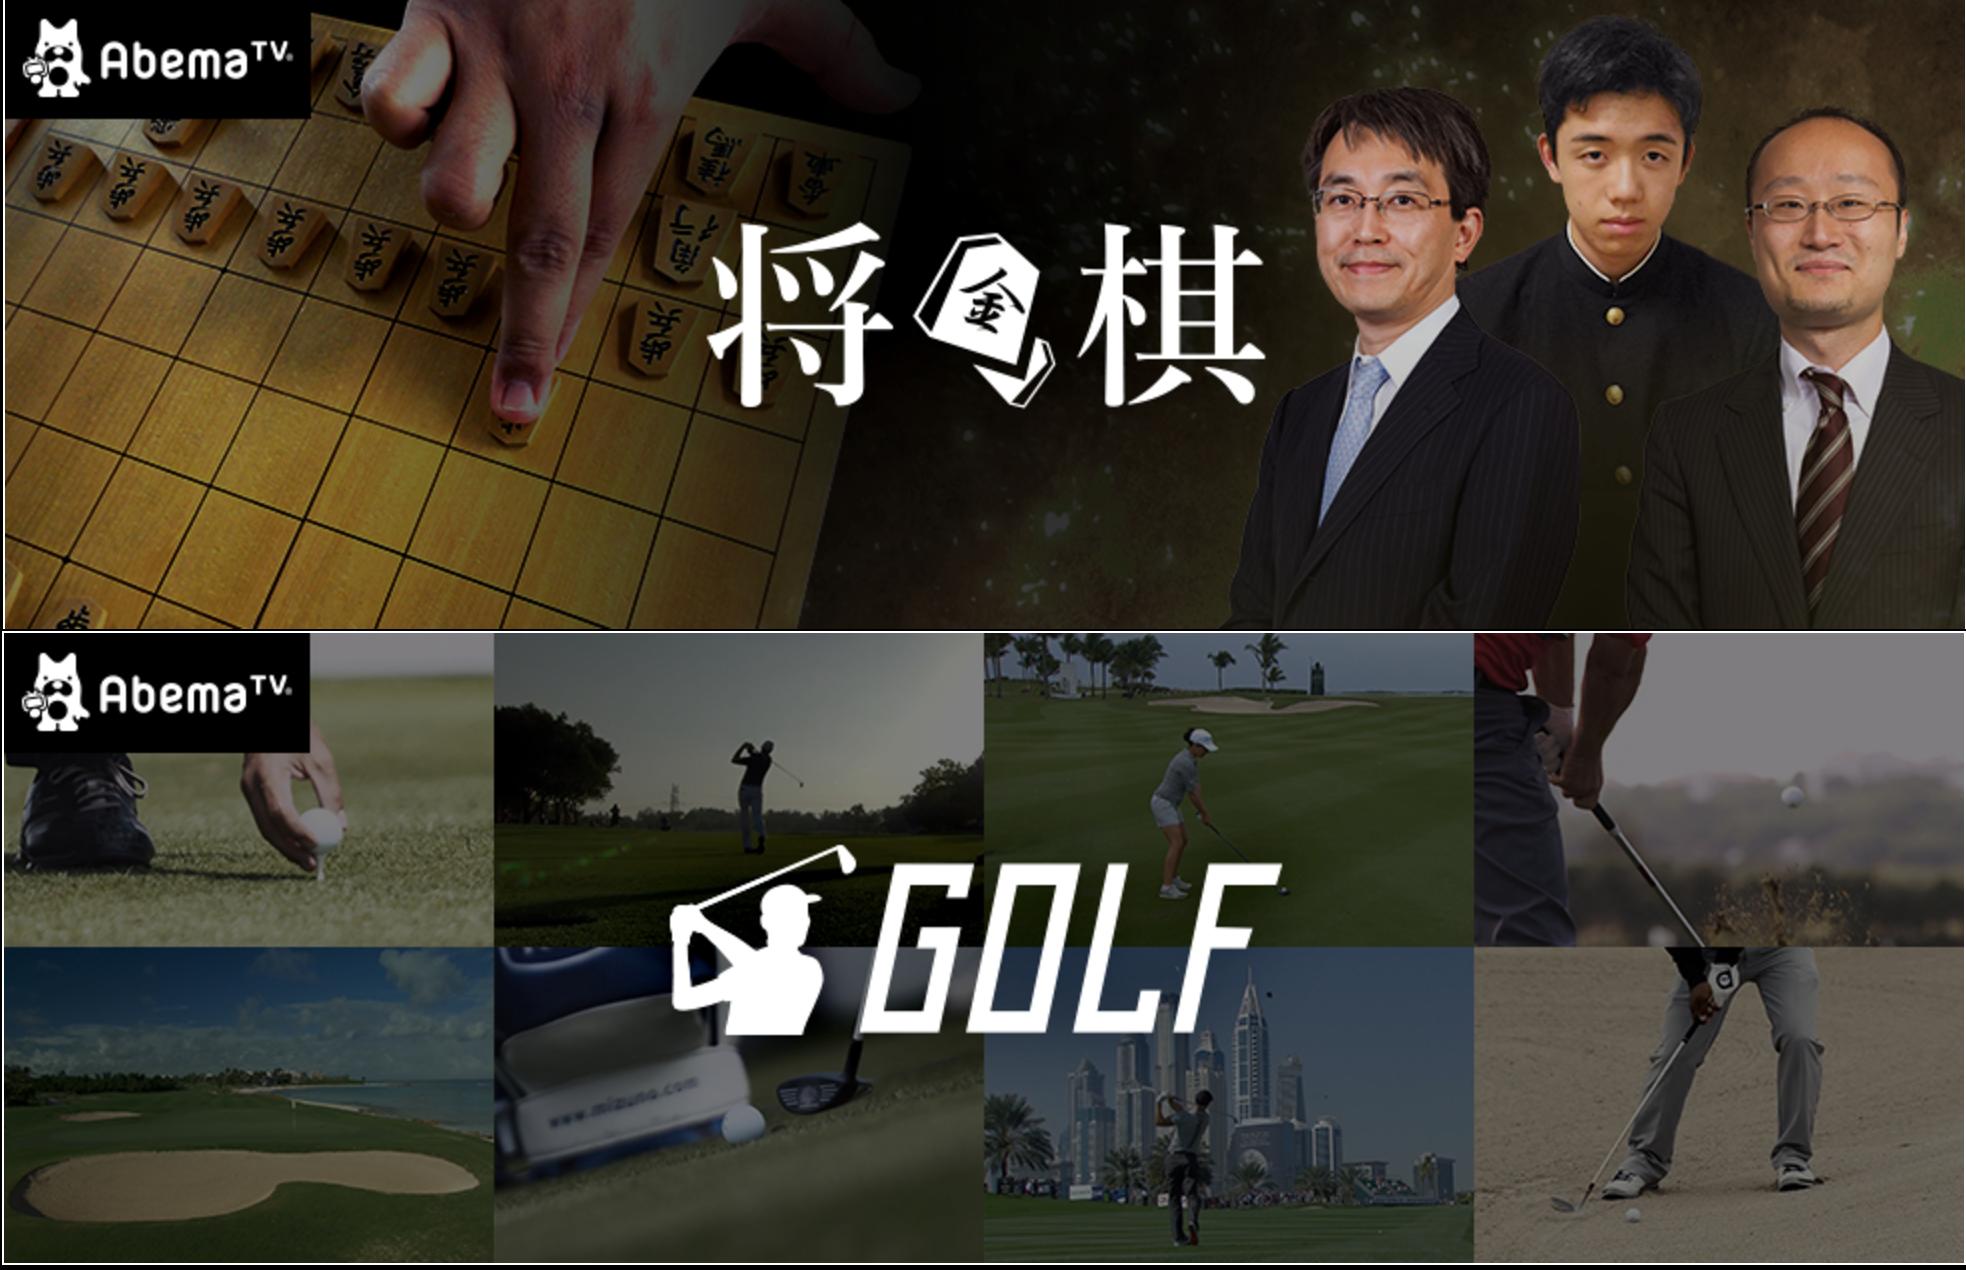 新チャンネル続々と登場のAbemaTV。ゴルフの次は将棋チャンネル!